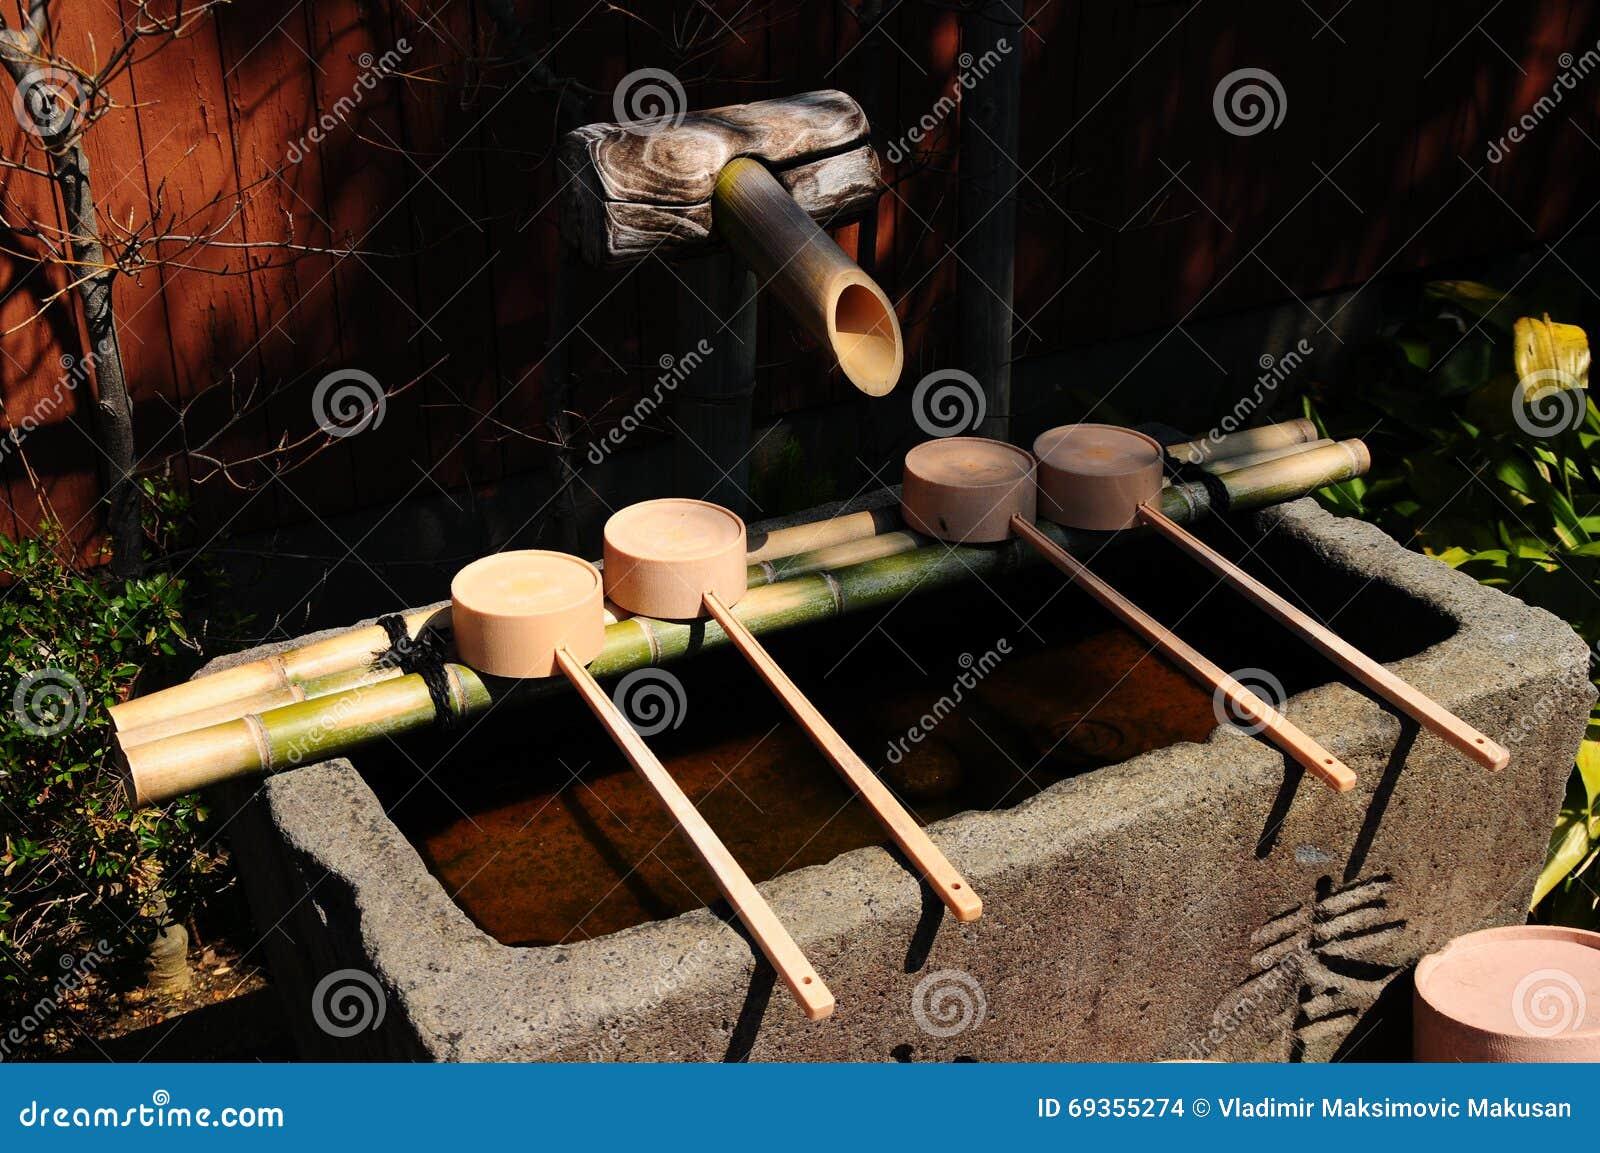 Japanische Bambus Fontains Stockfoto Bild Von Japanisch 69355274